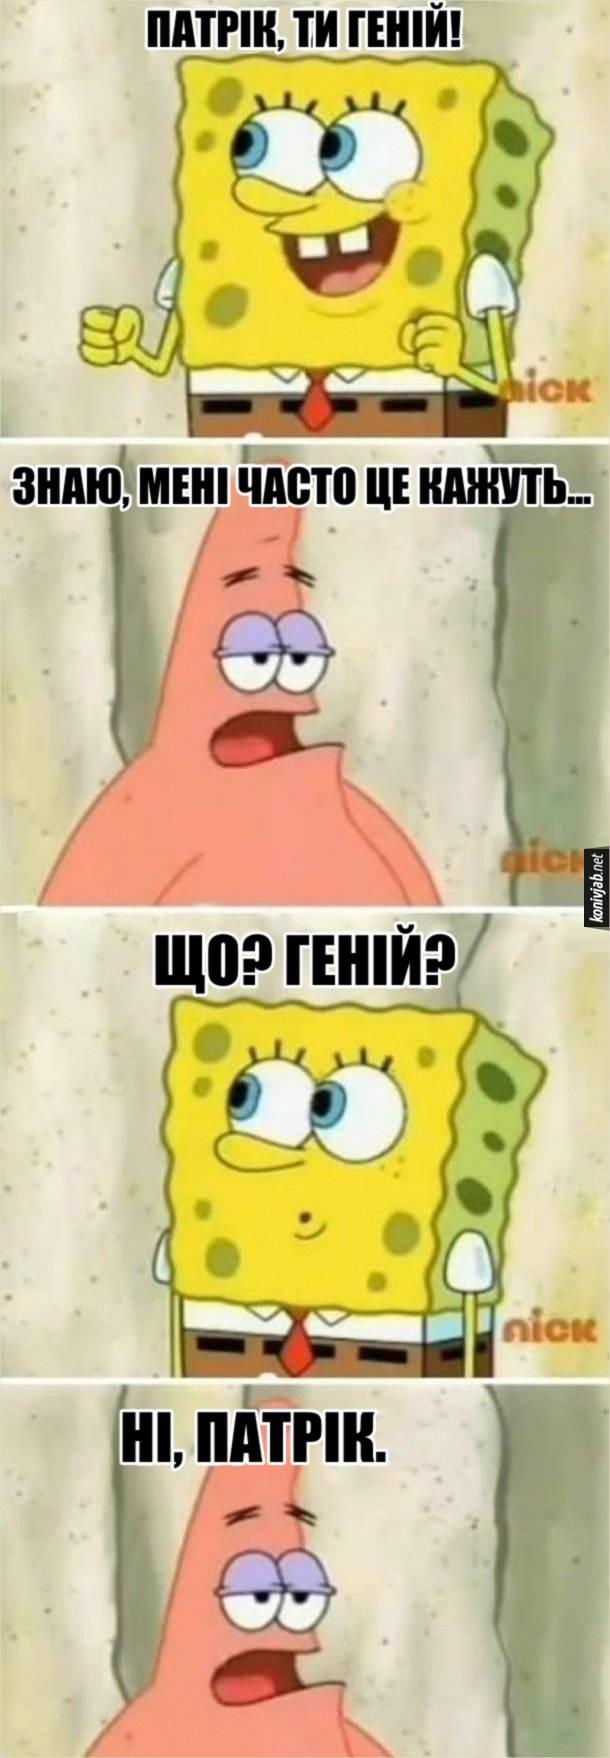 Прикол Губка Боб і Патрік. - Патрік, ти геній! - Знаю, мені часто це кажуть. - Що, геній? - Ні, Патрік